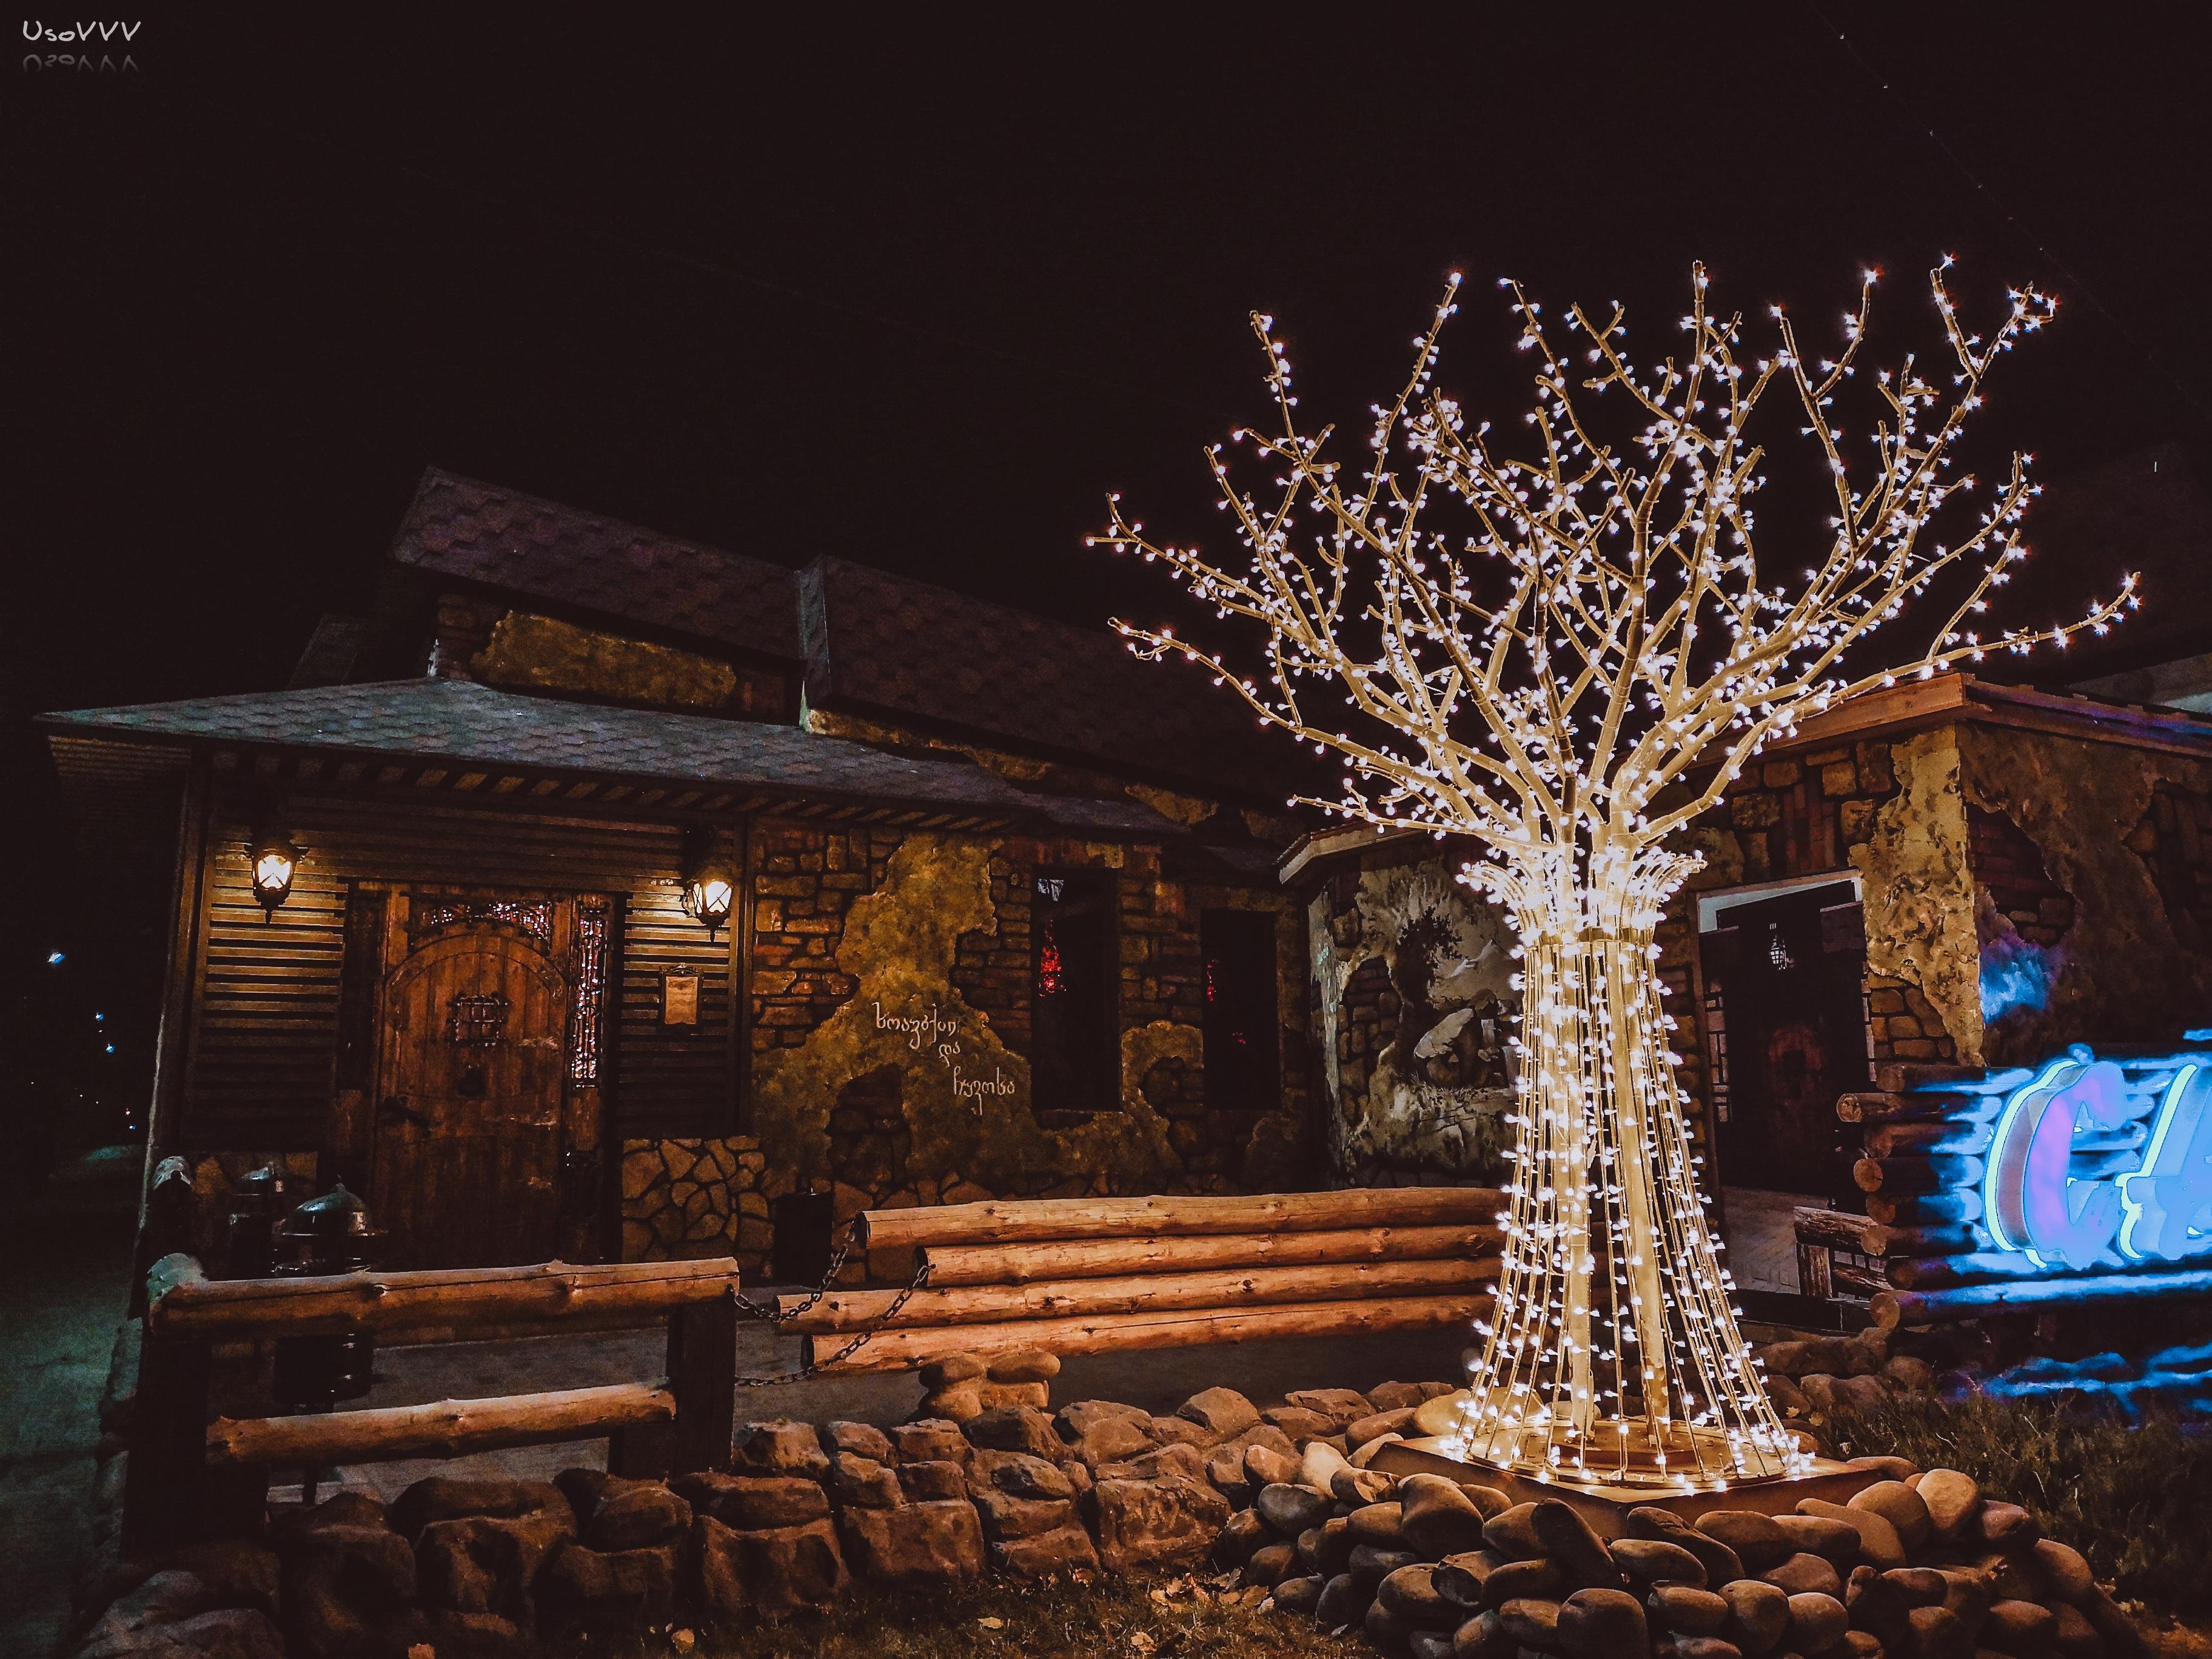 Haus Weihnachtsbeleuchtung.Kostenlose Foto Baum Beleuchtung Himmel Land Steine